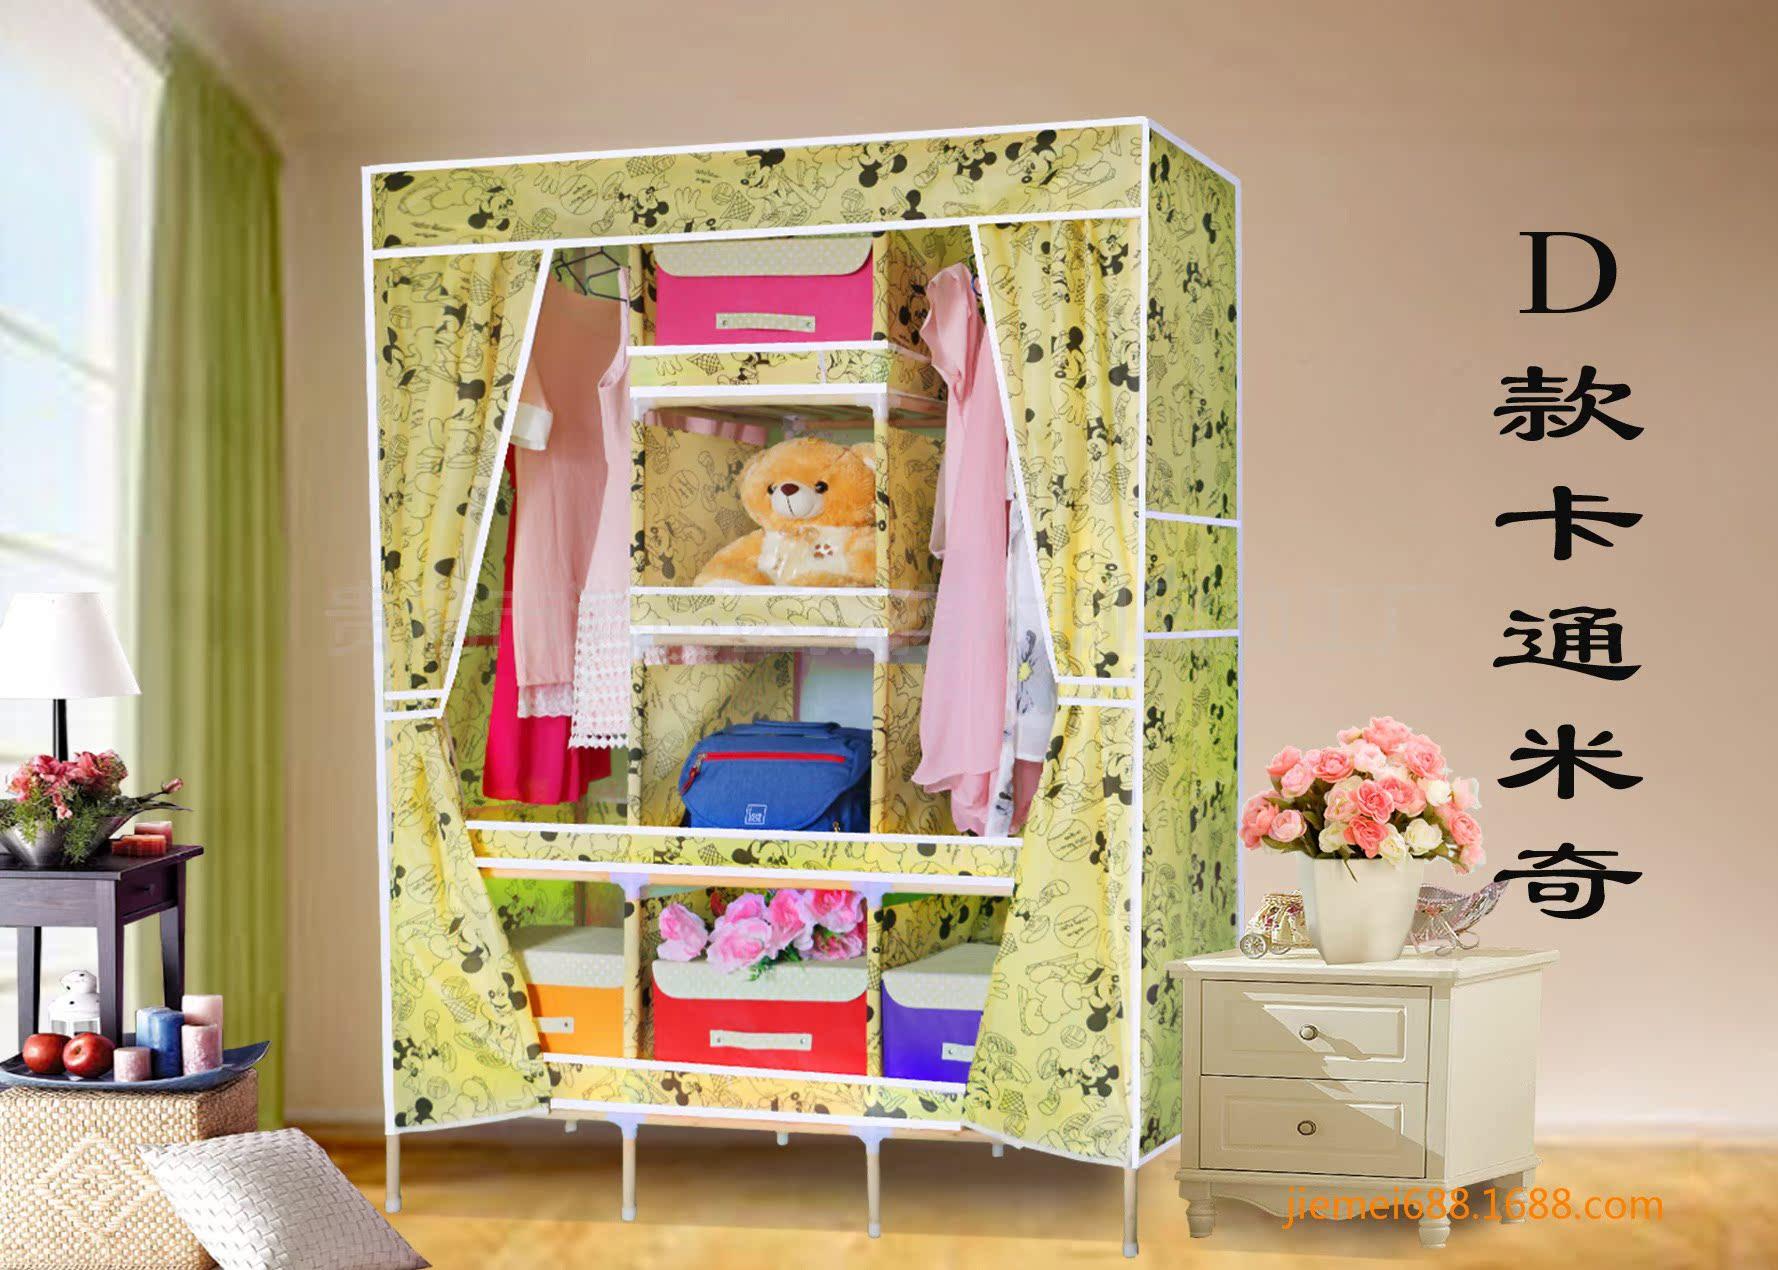 双人宜家实木衣柜大号木质布衣柜折叠组装简易衣柜牛津布艺衣橱